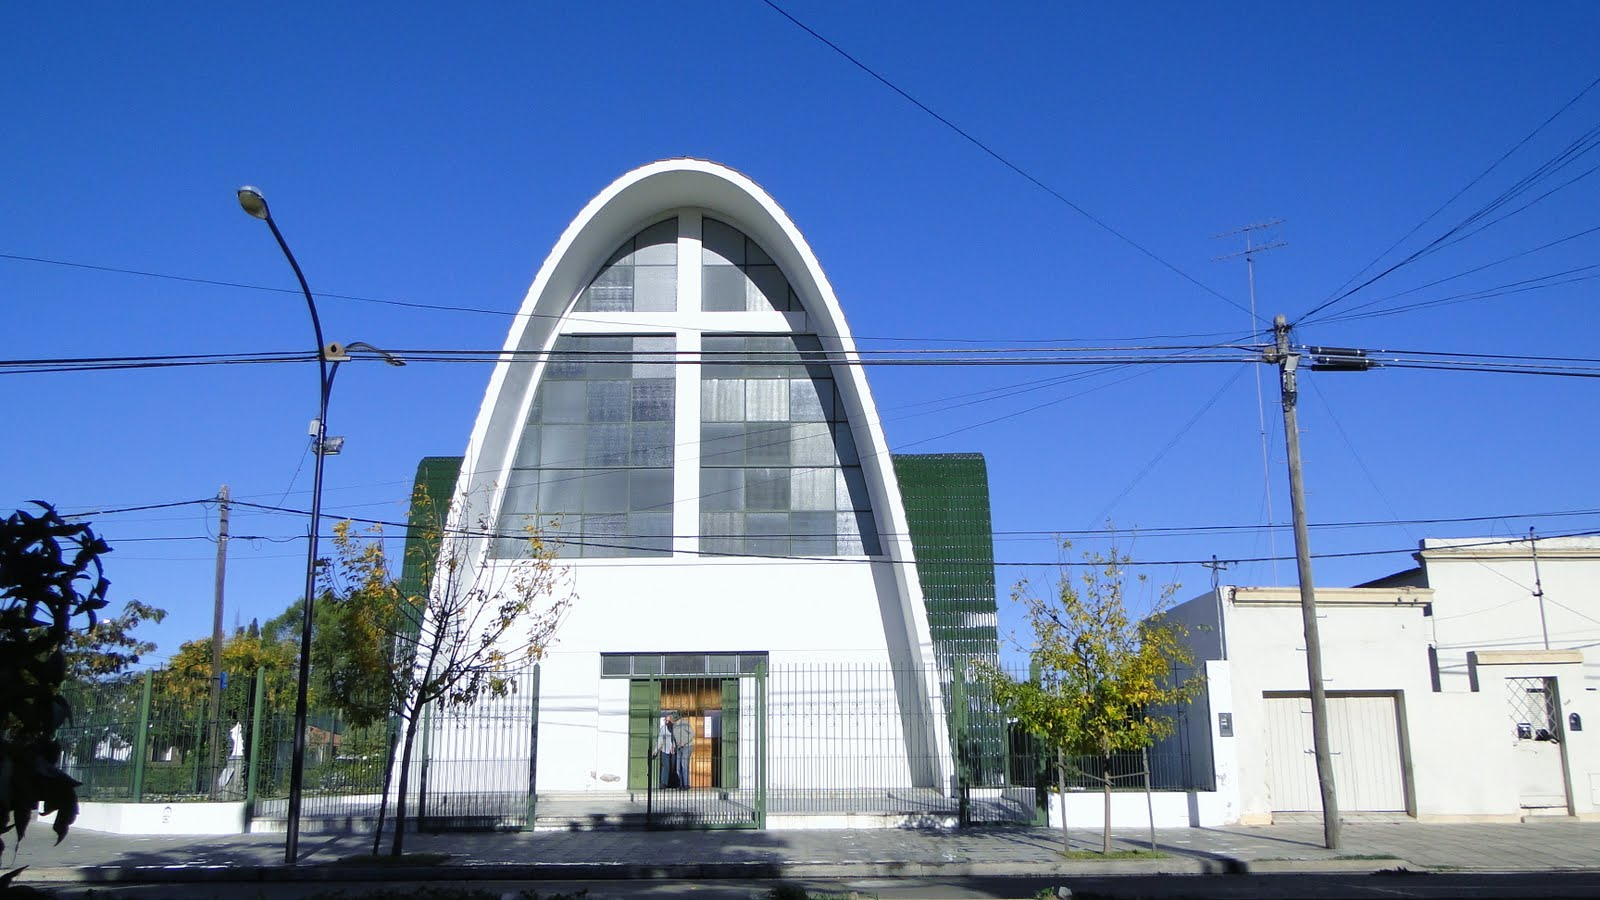 iglesia-eucaristia-23-04-2011